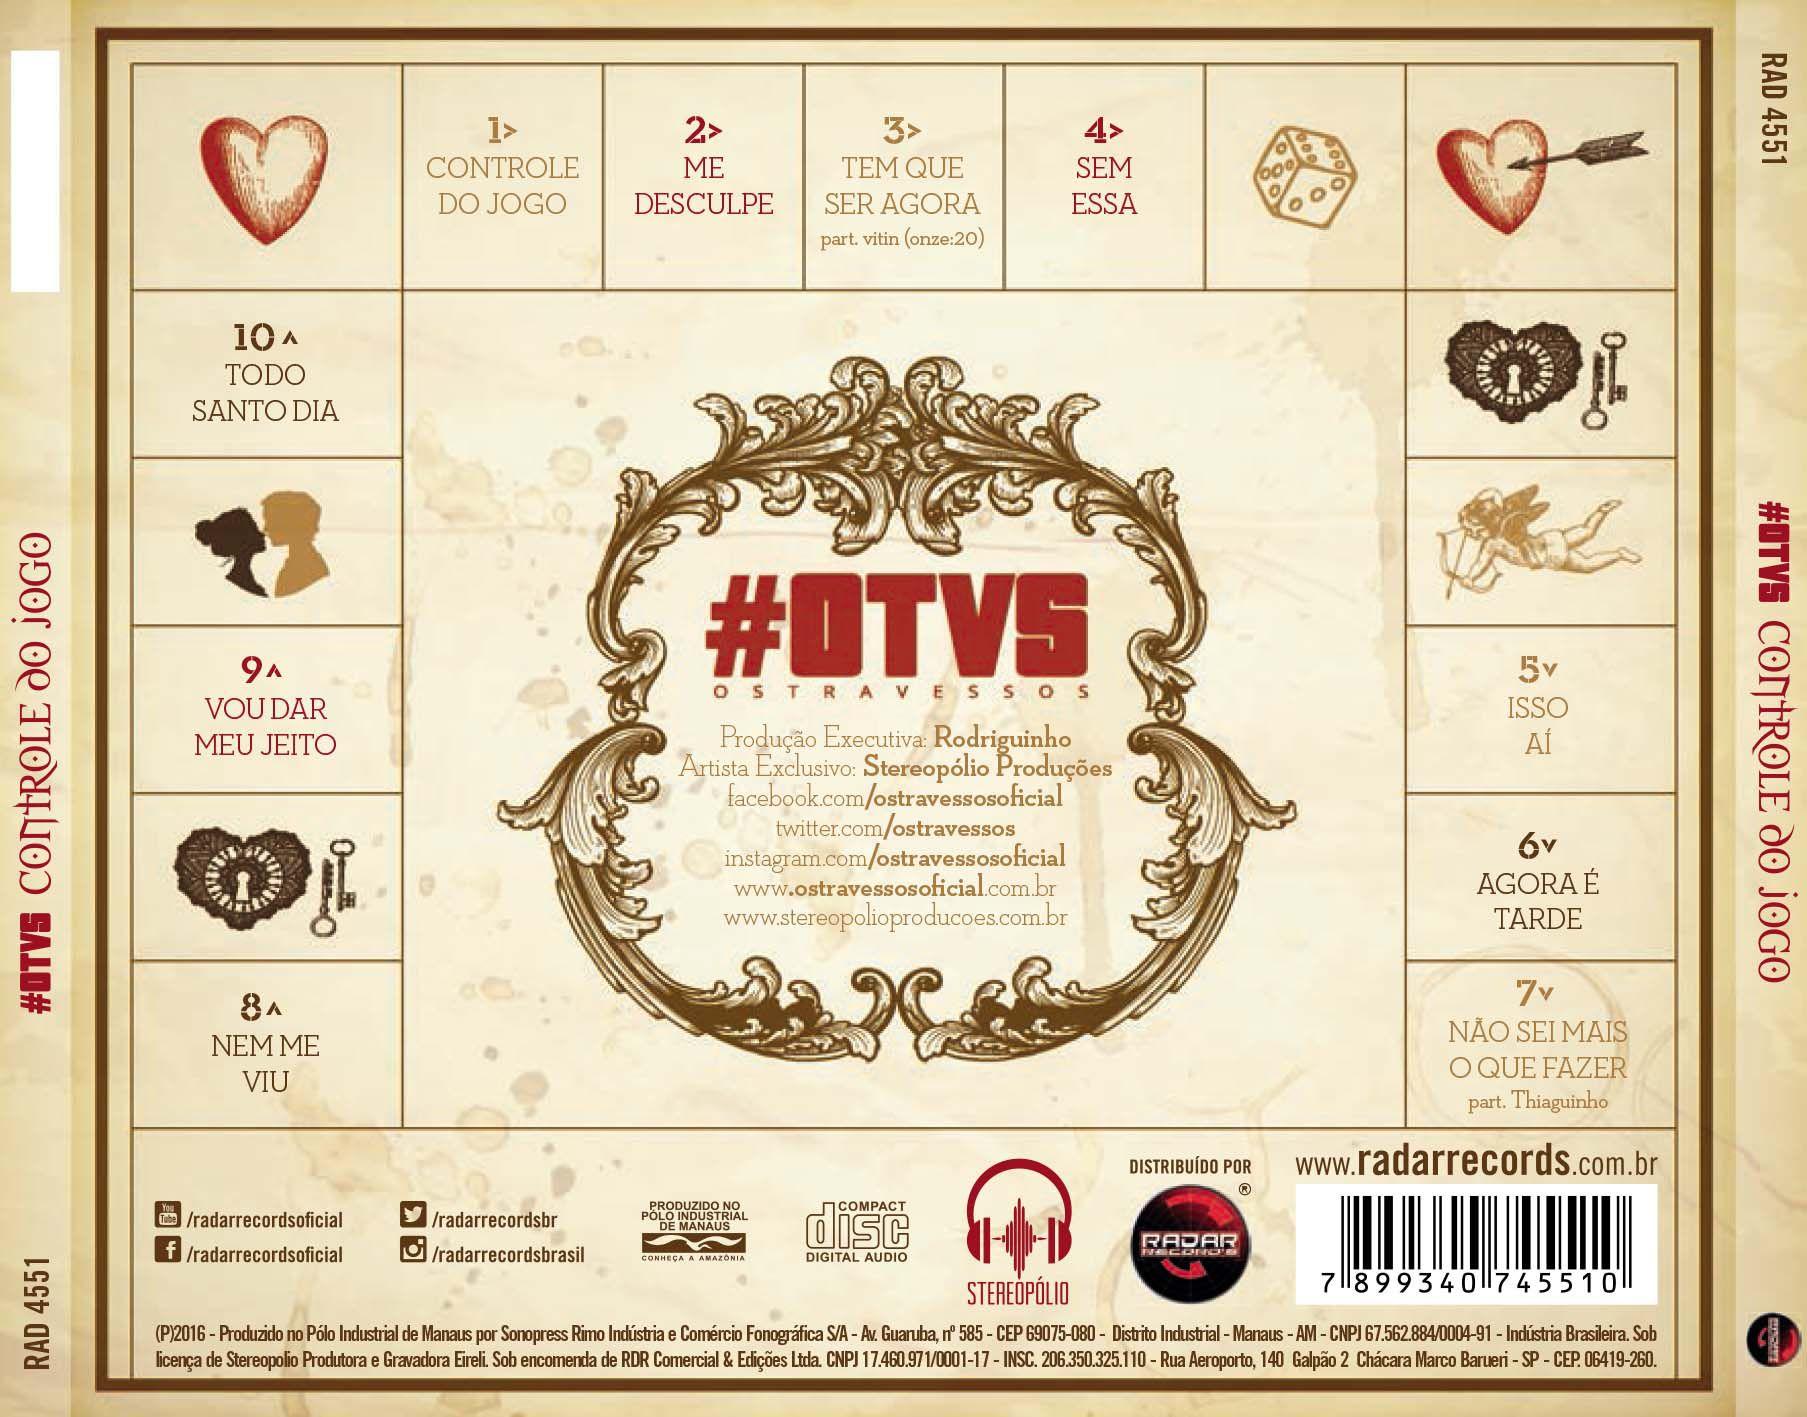 CD OS TRAVESSOS - CONTROLE DO JOGO